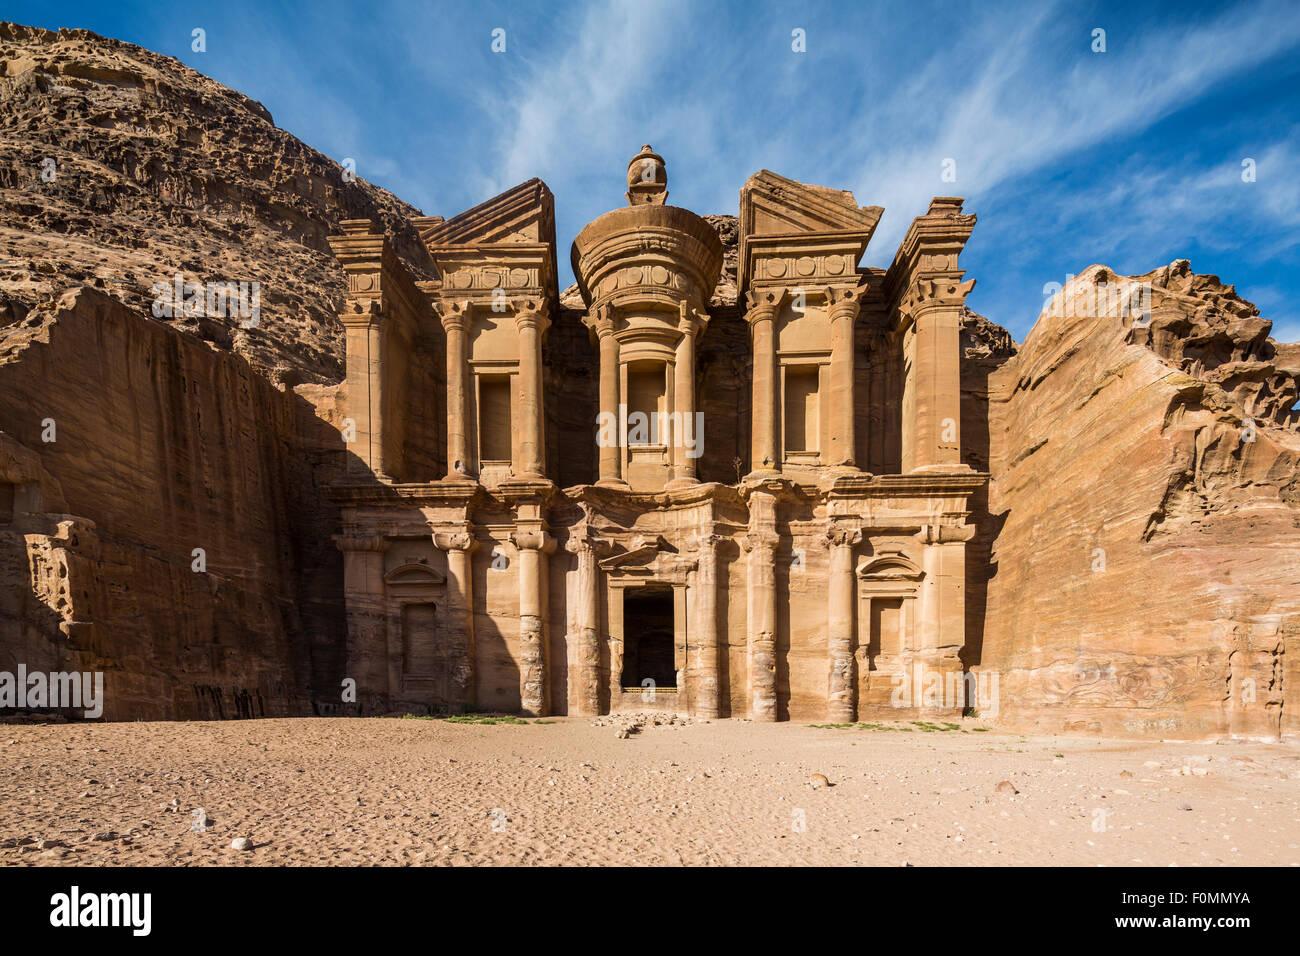 El Deir, The Monastery, Petra, Jordan. - Stock Image